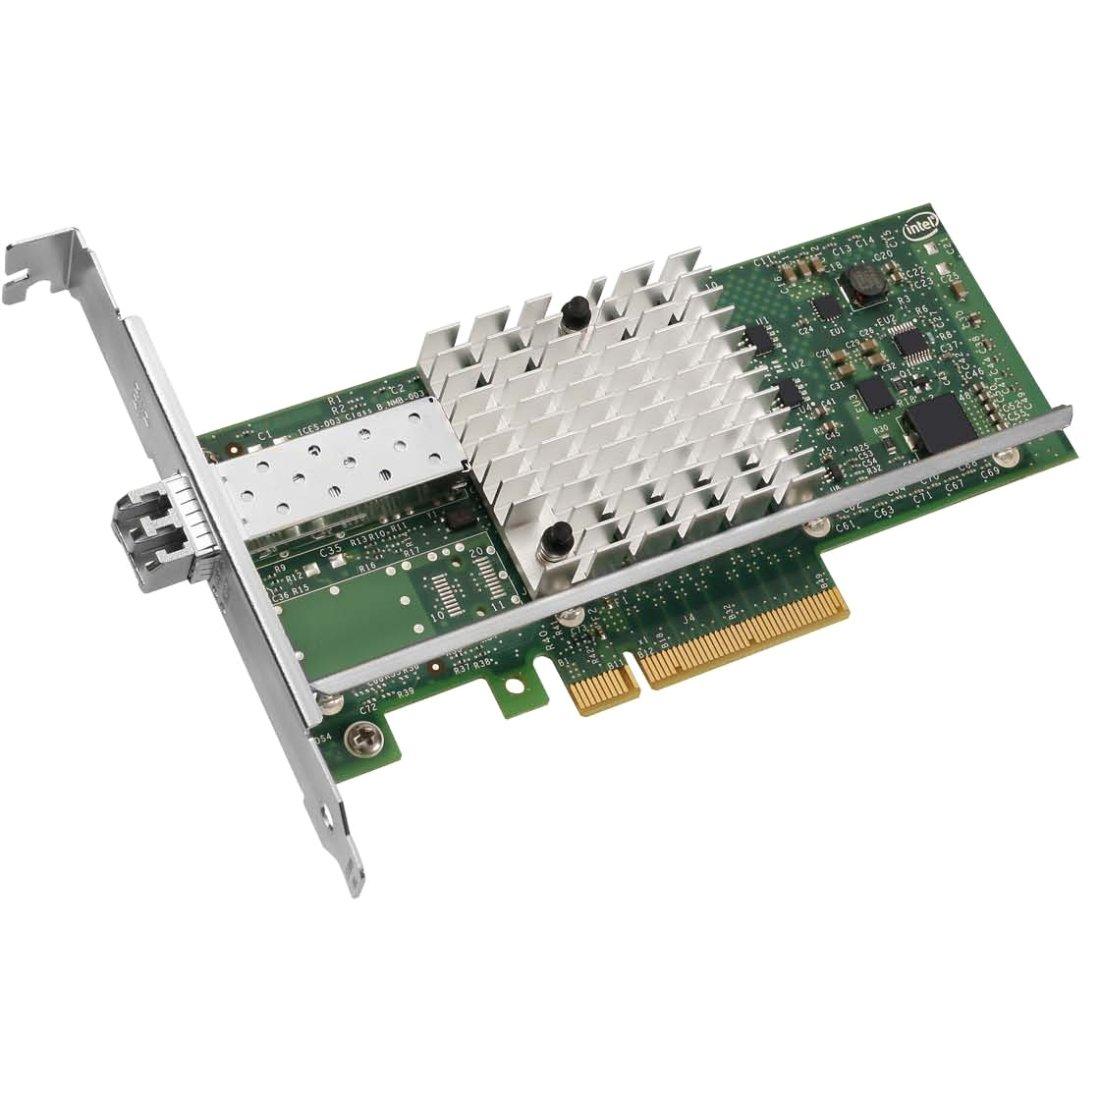 Amazon.com: Intel X520-SR2 de fibra óptica – Tarjeta PCI ...